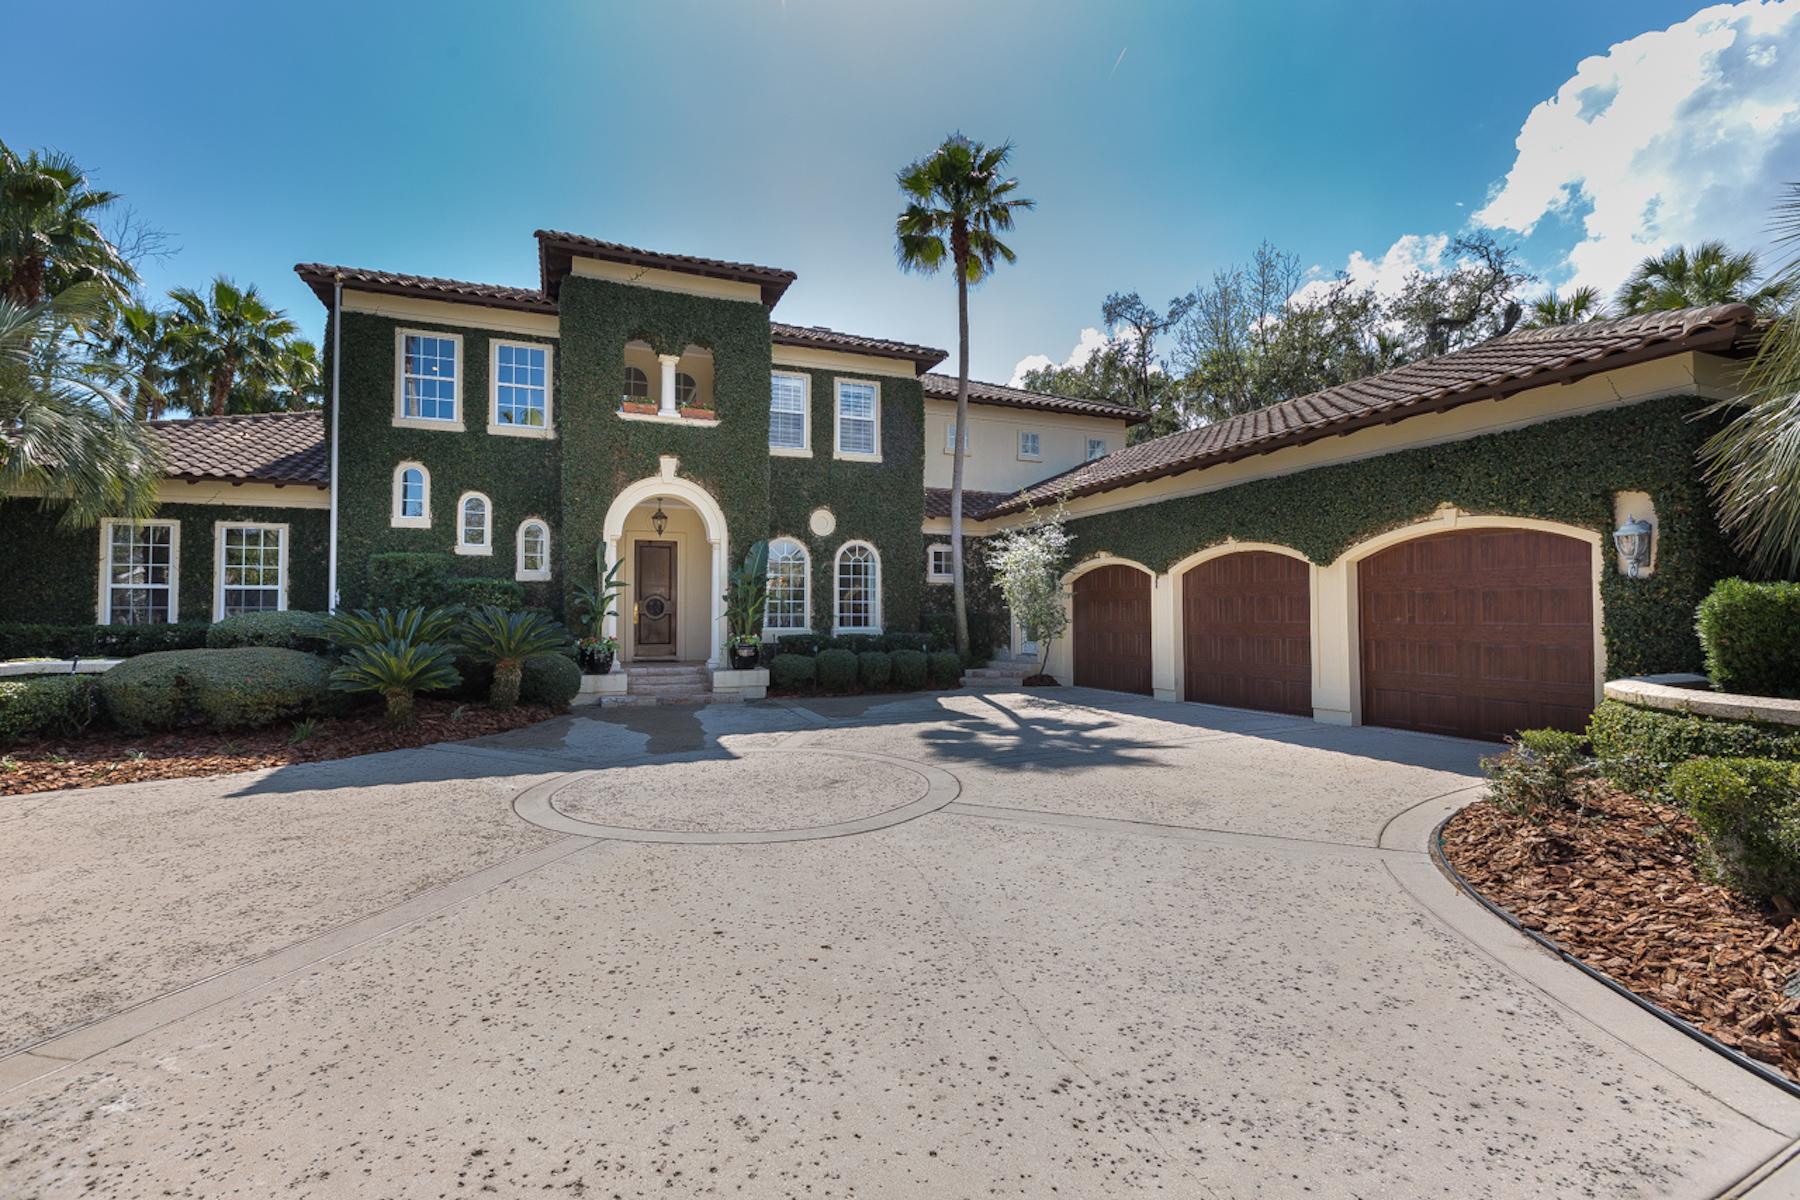 Casa para uma família para Venda às Stunning Marsh Landing Country Club Home 129 Kingfisher Drive Ponte Vedra Beach, Florida, 32082 Estados Unidos